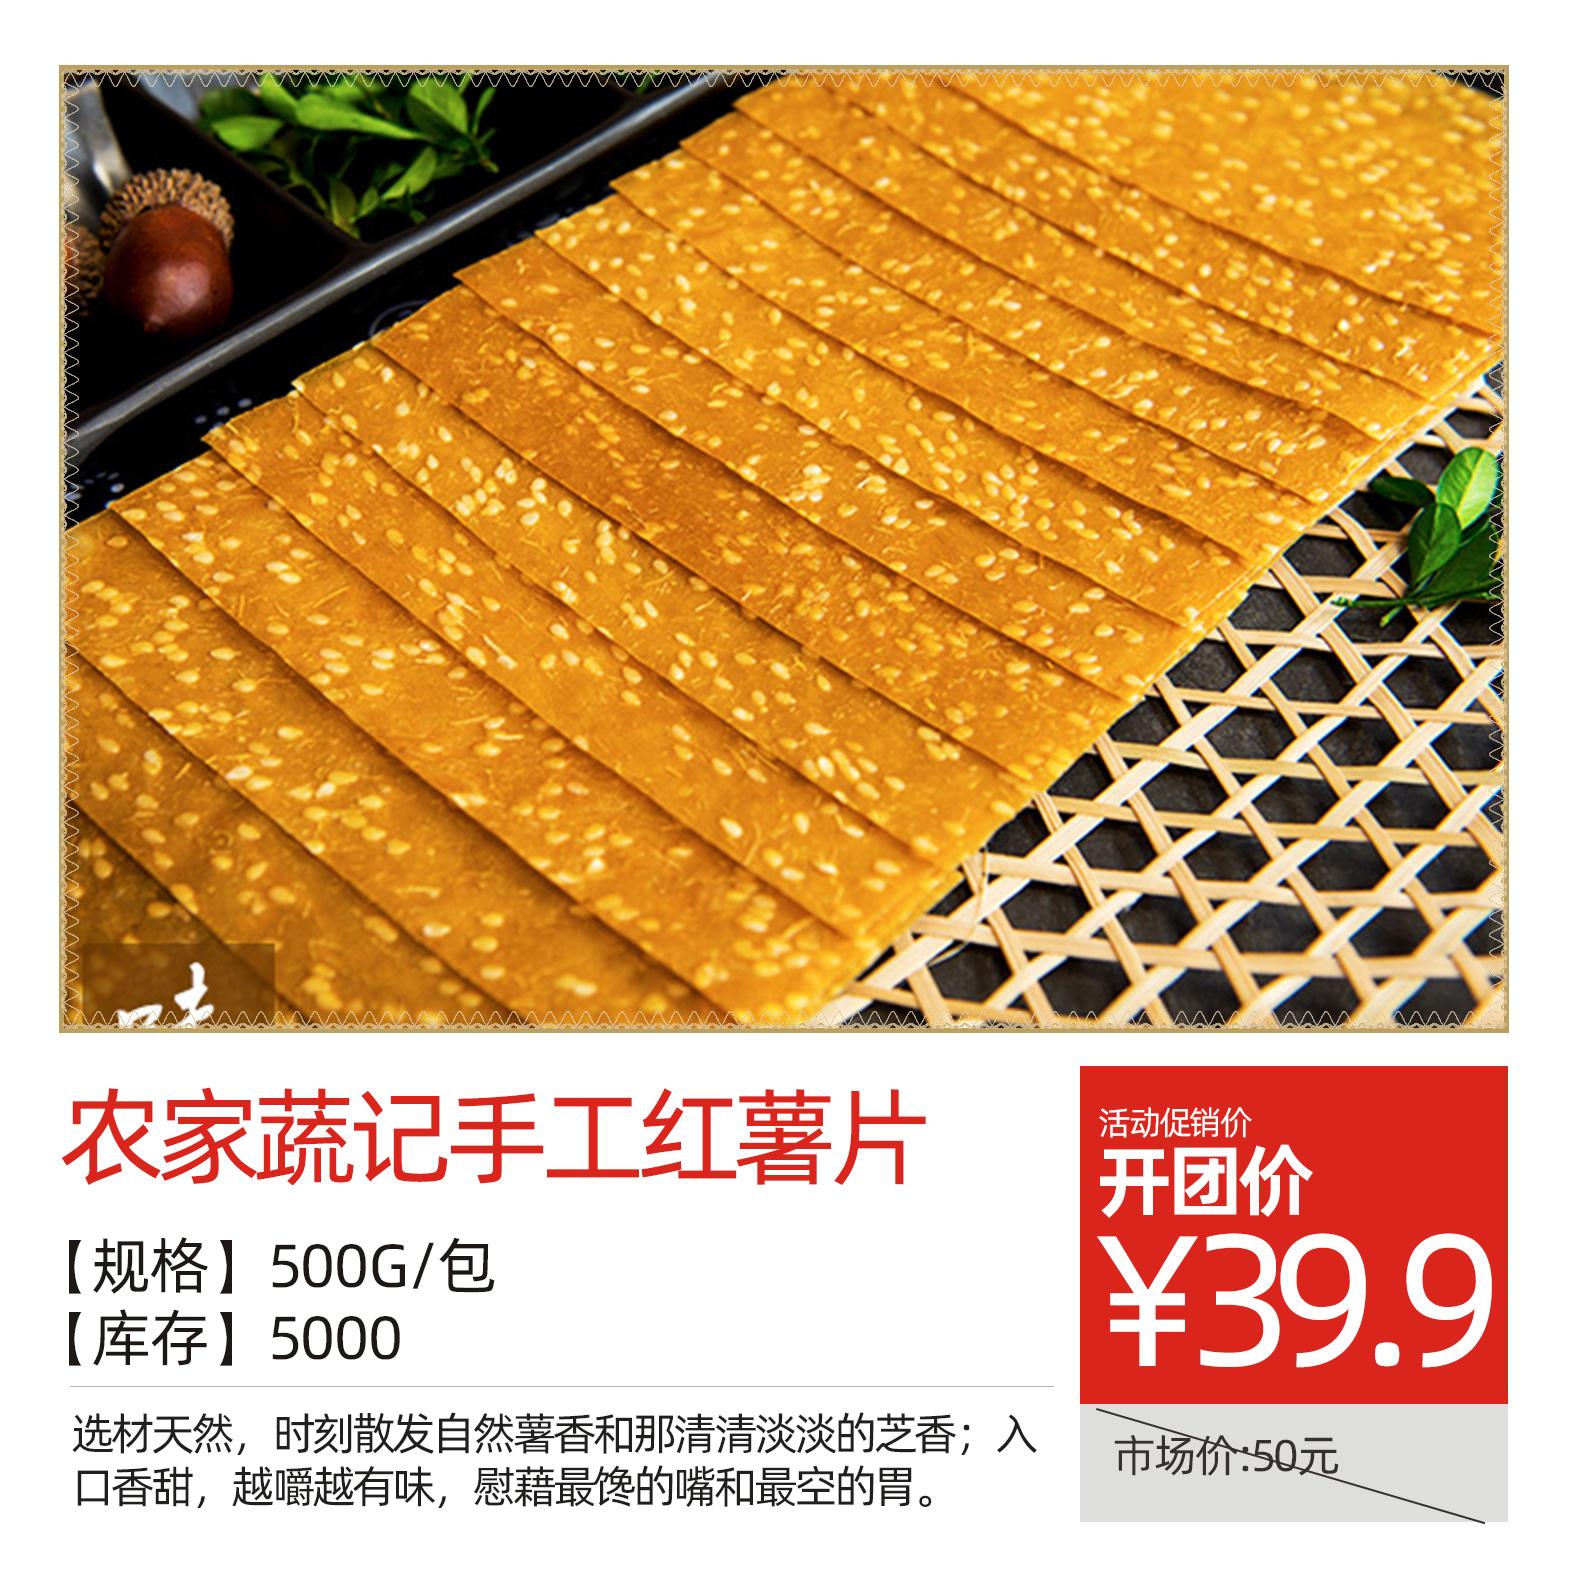 农家蔬记手工红薯片500g/包